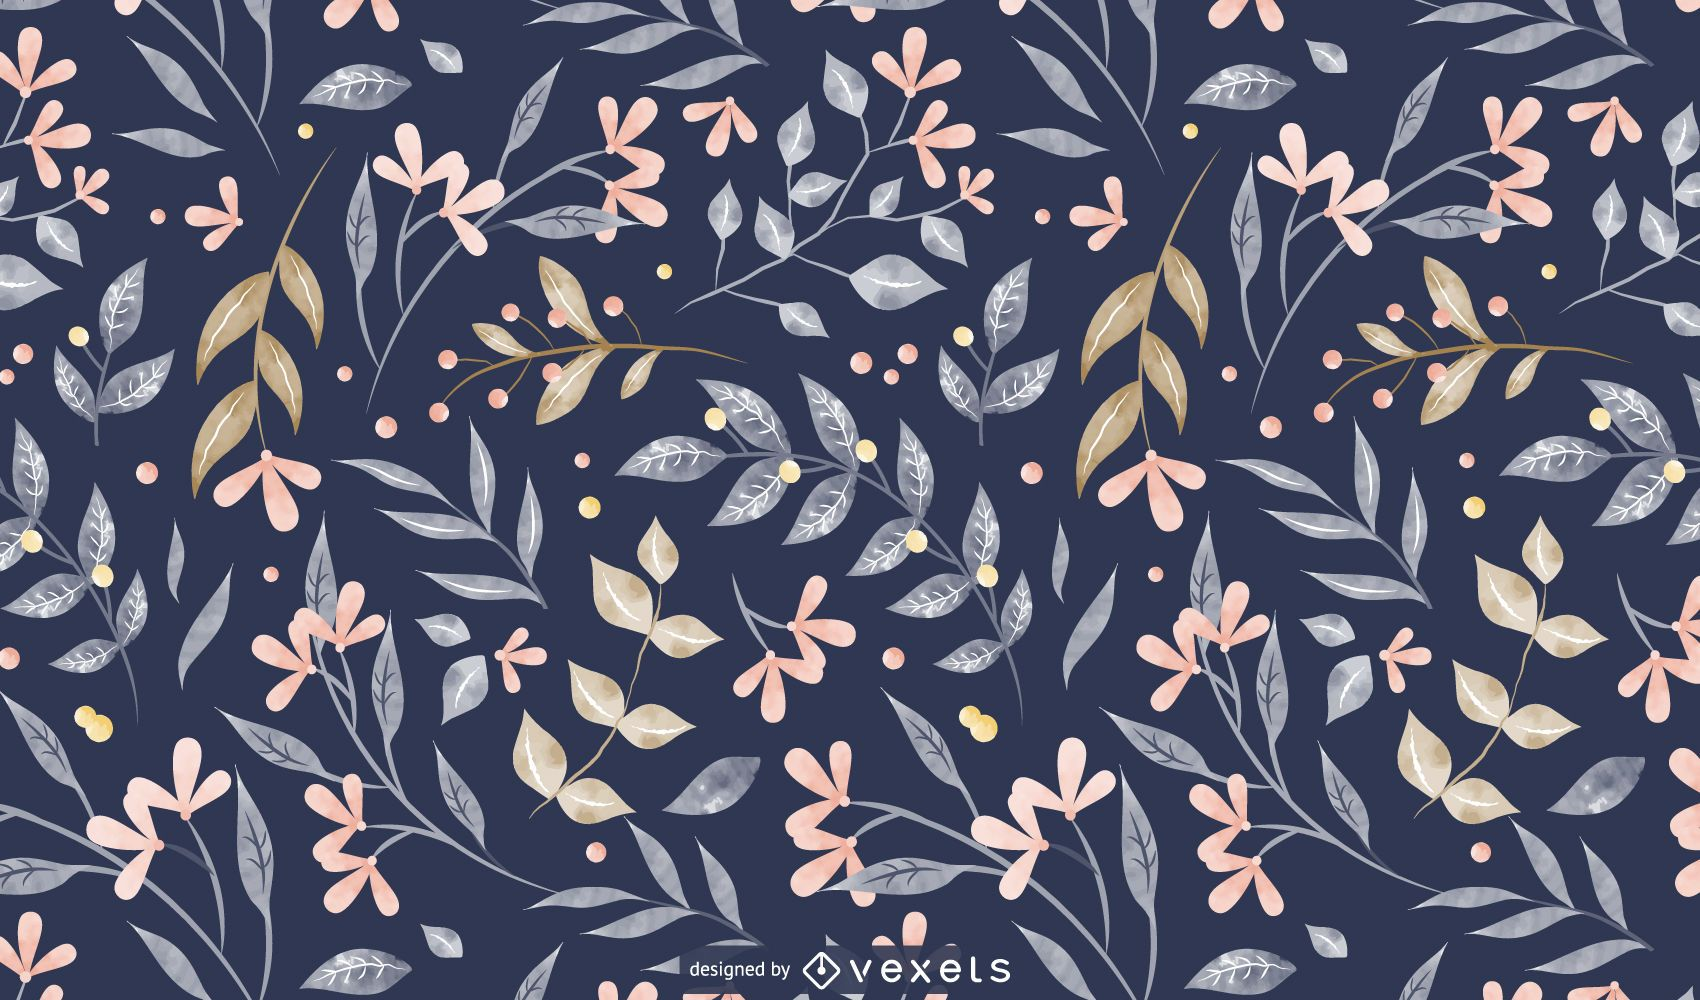 Spring leaves pattern design